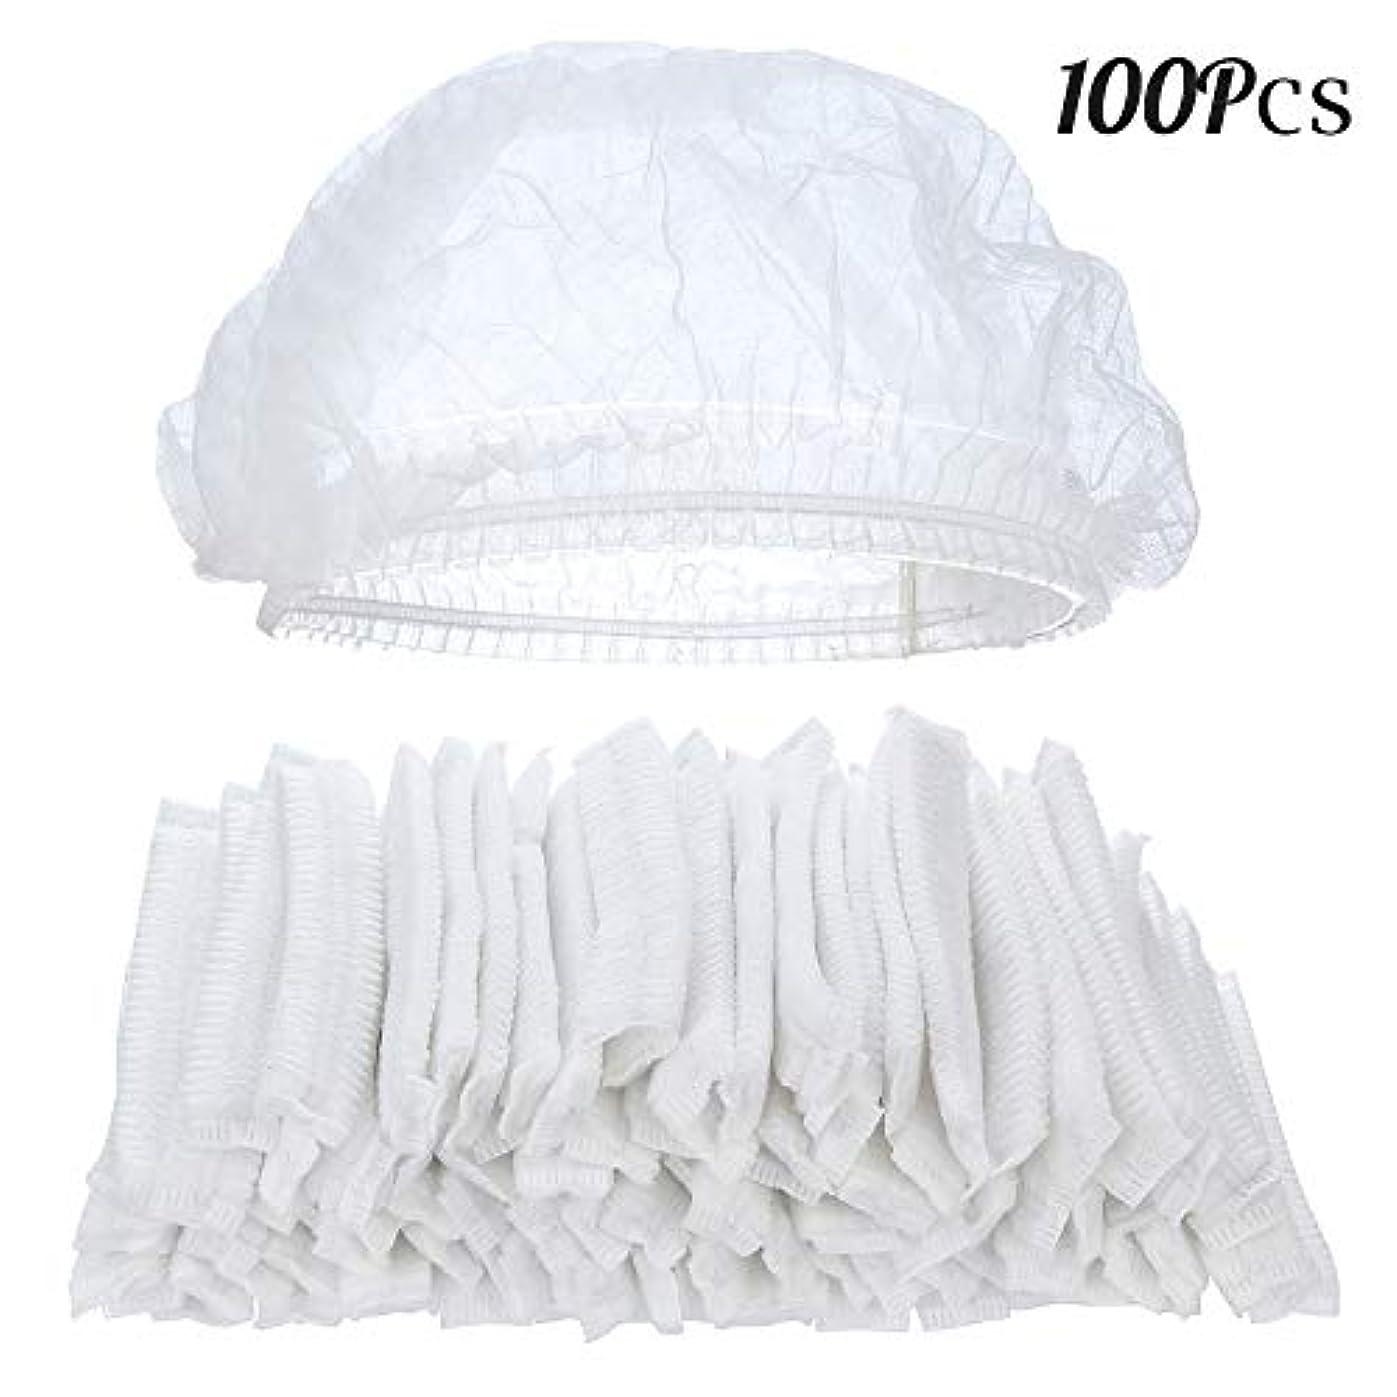 固めるそのような不十分100ピースクリア使い捨てプラスチックシャワーキャップ大きな弾性厚いバスキャップ用女性スパ、家庭用、ホテルおよび美容院